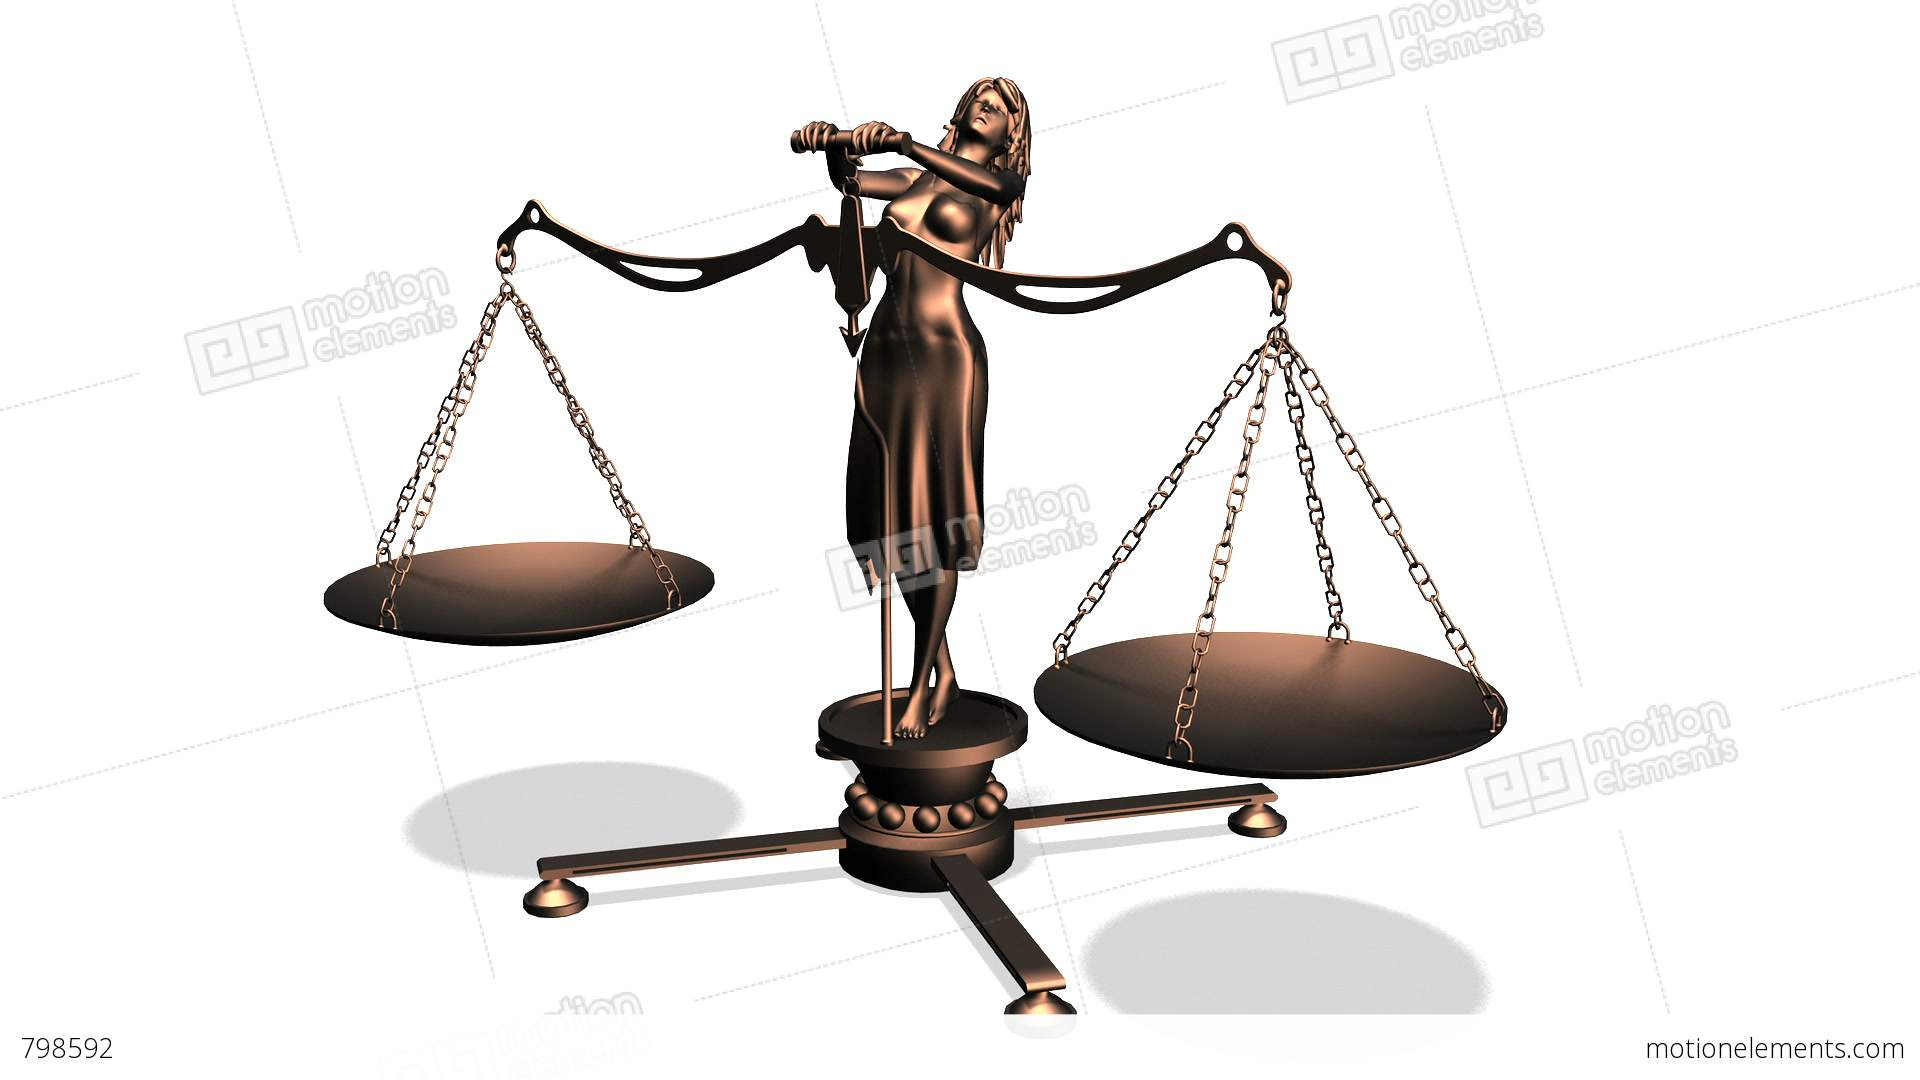 天秤 Lady Justice Stock Animation   798592